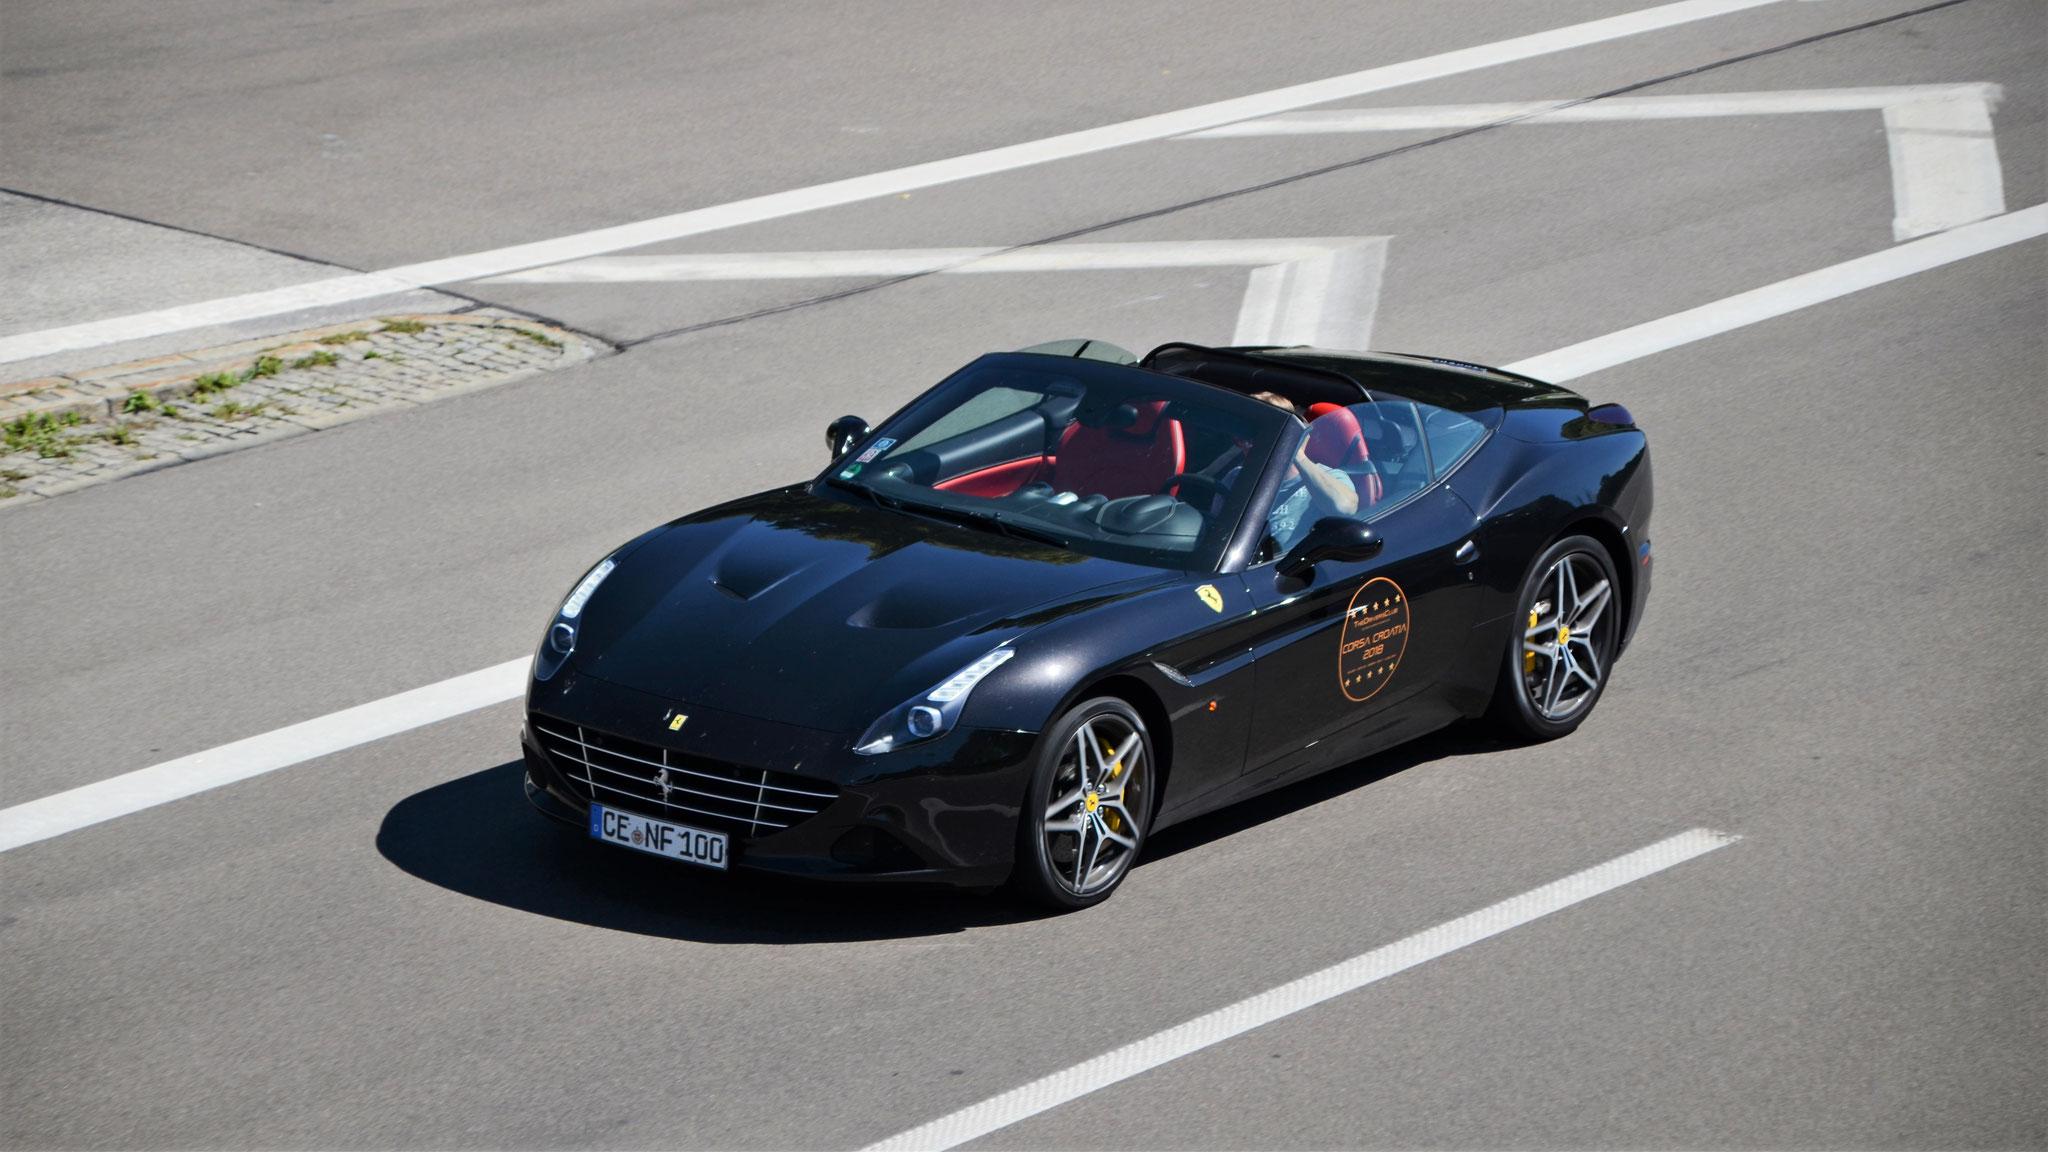 Ferrari California T - CE-NF-100